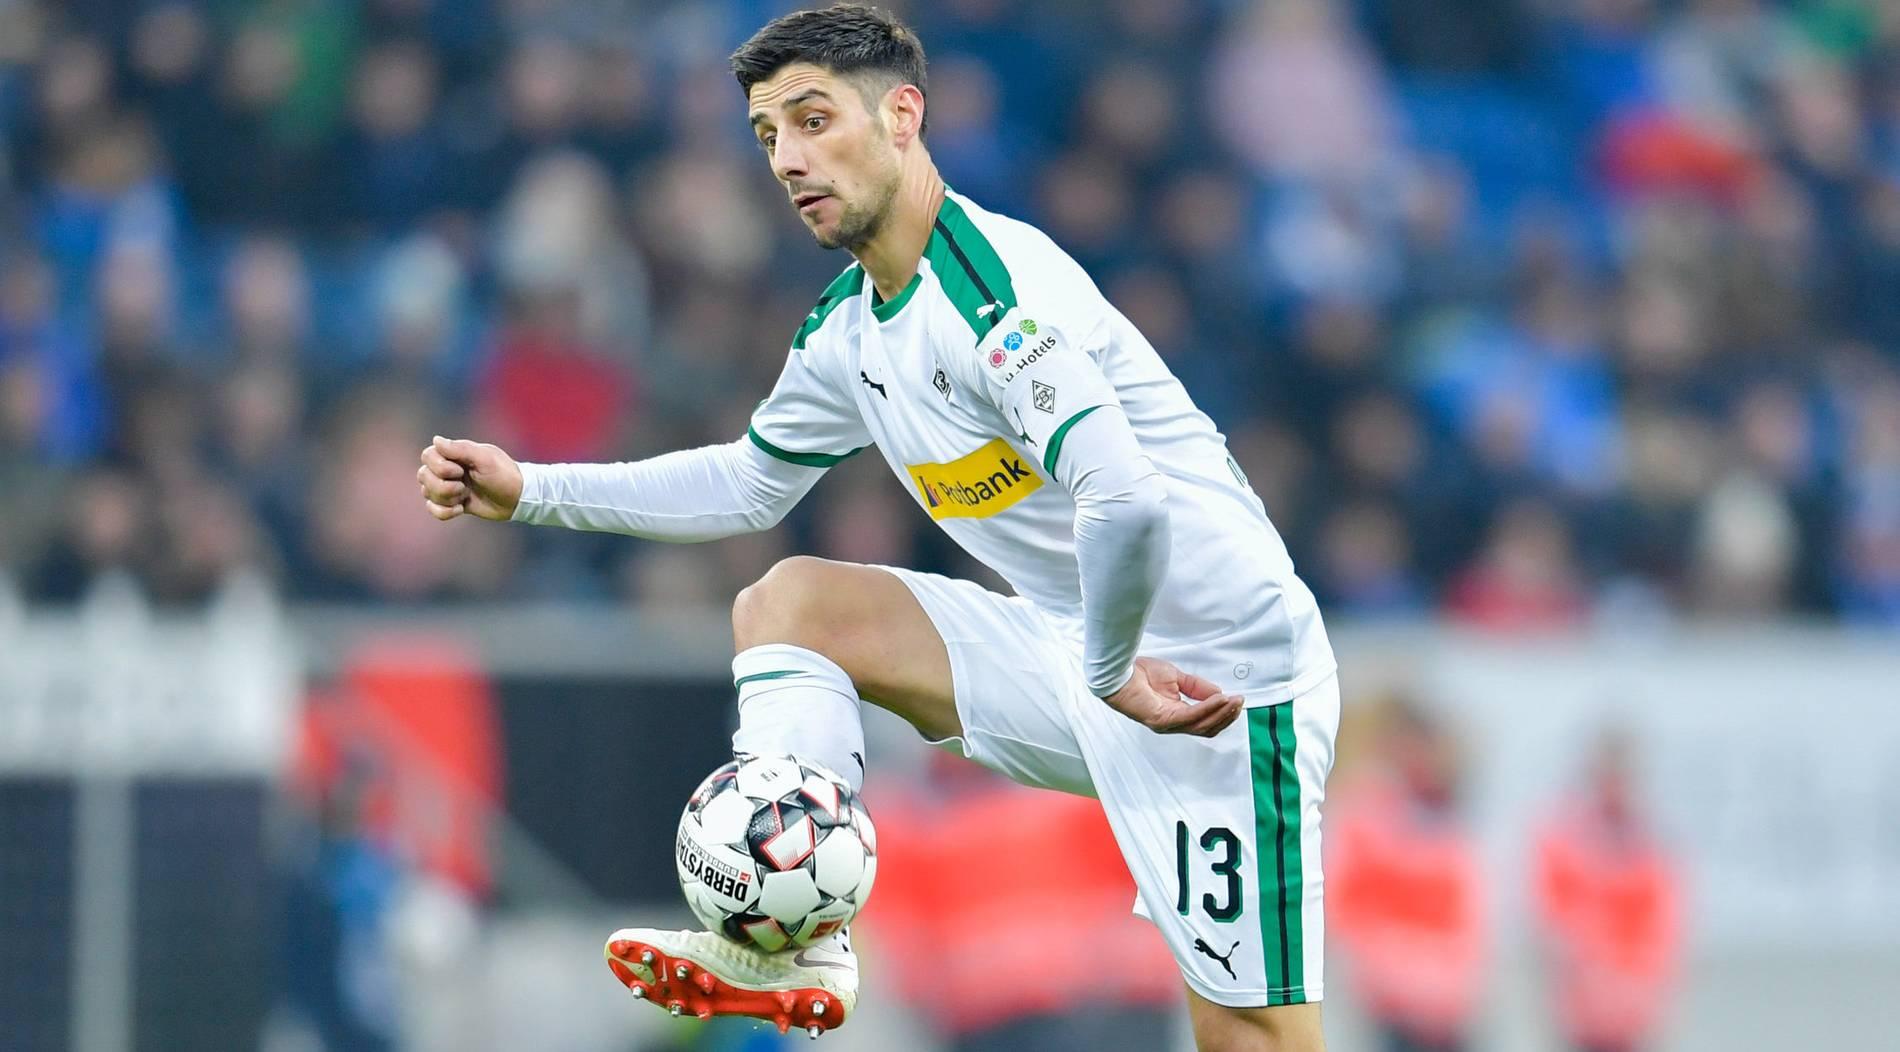 Borussia braucht Teamspirit und Selbstvertrauen